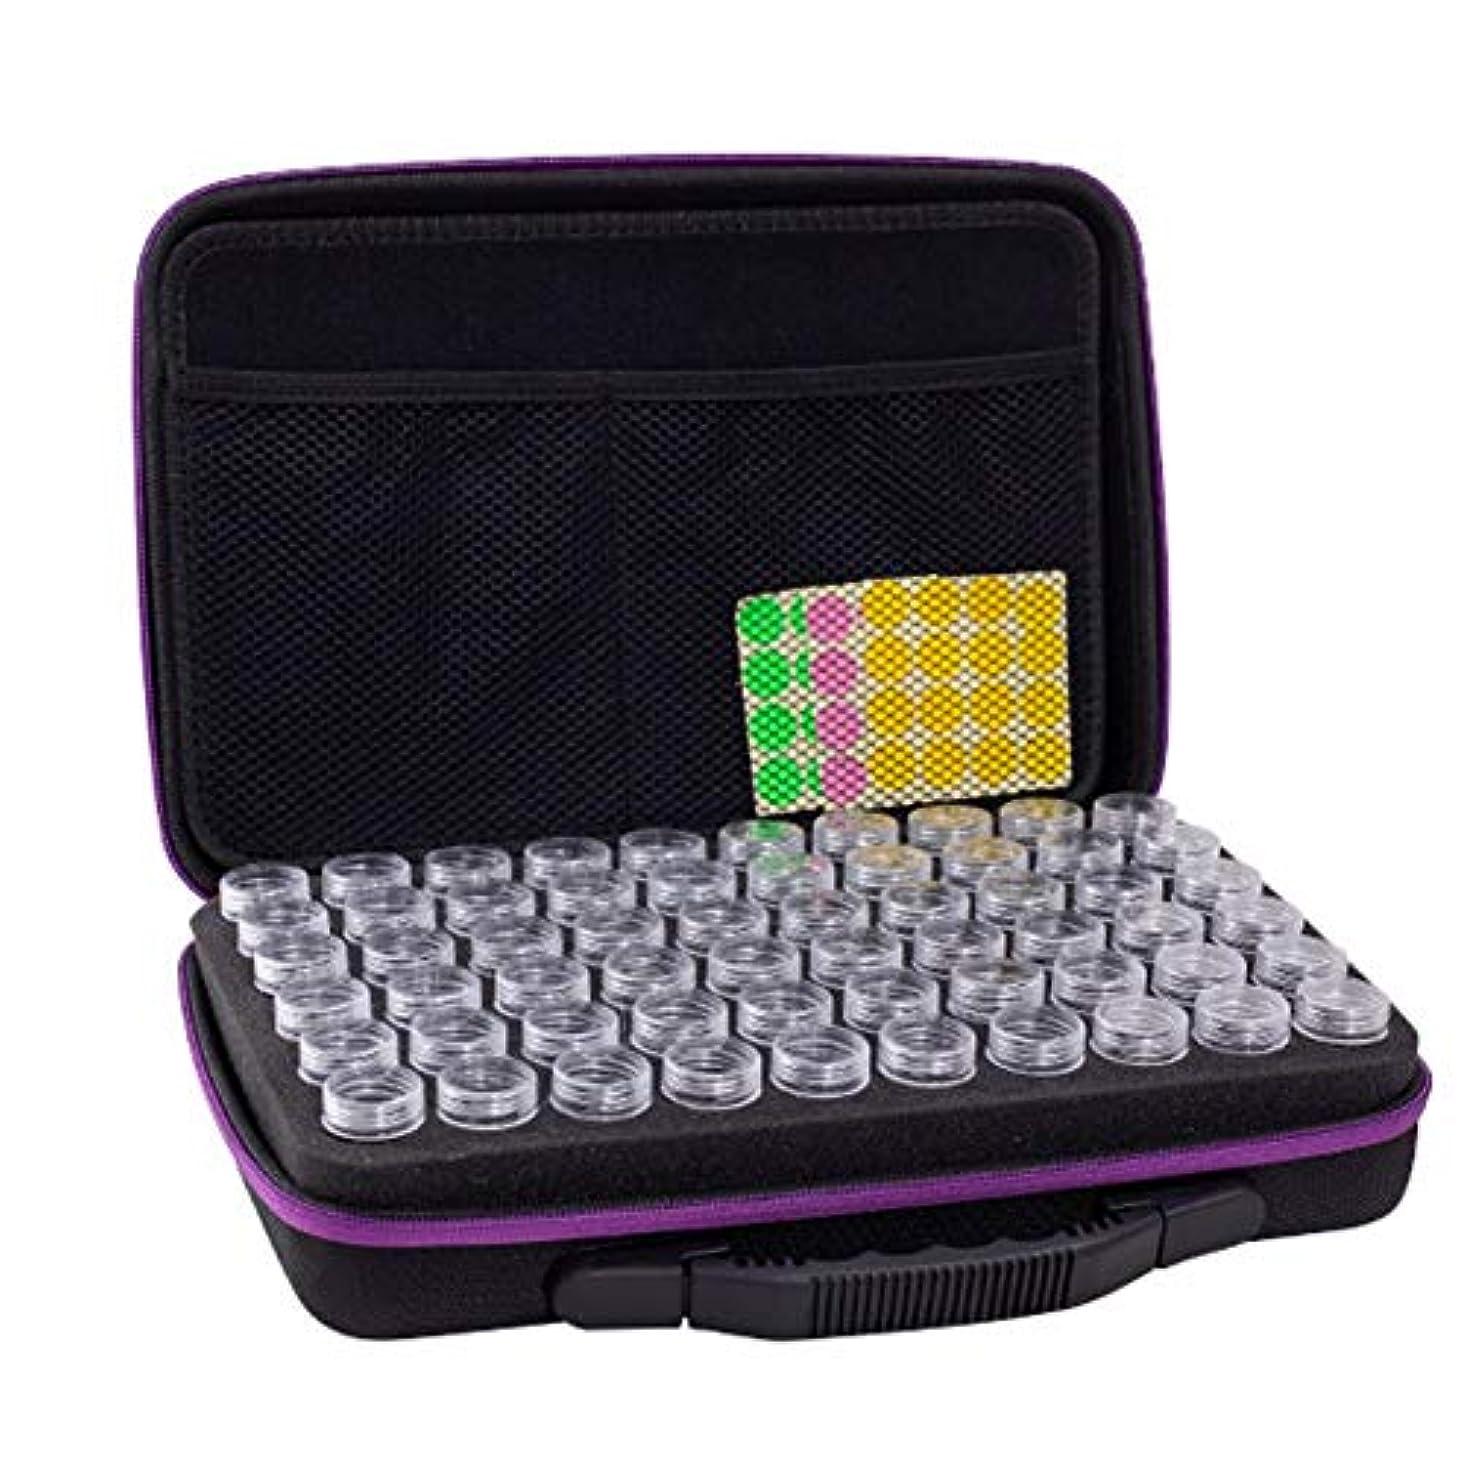 ウイルス常習的ケープアロマポーチ エッセンシャルオイル ケース 携帯用 アロマケース メイクポーチ 精油ケース 大容量 アロマセラピストポーチ 120本用 サイズ:32 22.5 8.5 CM